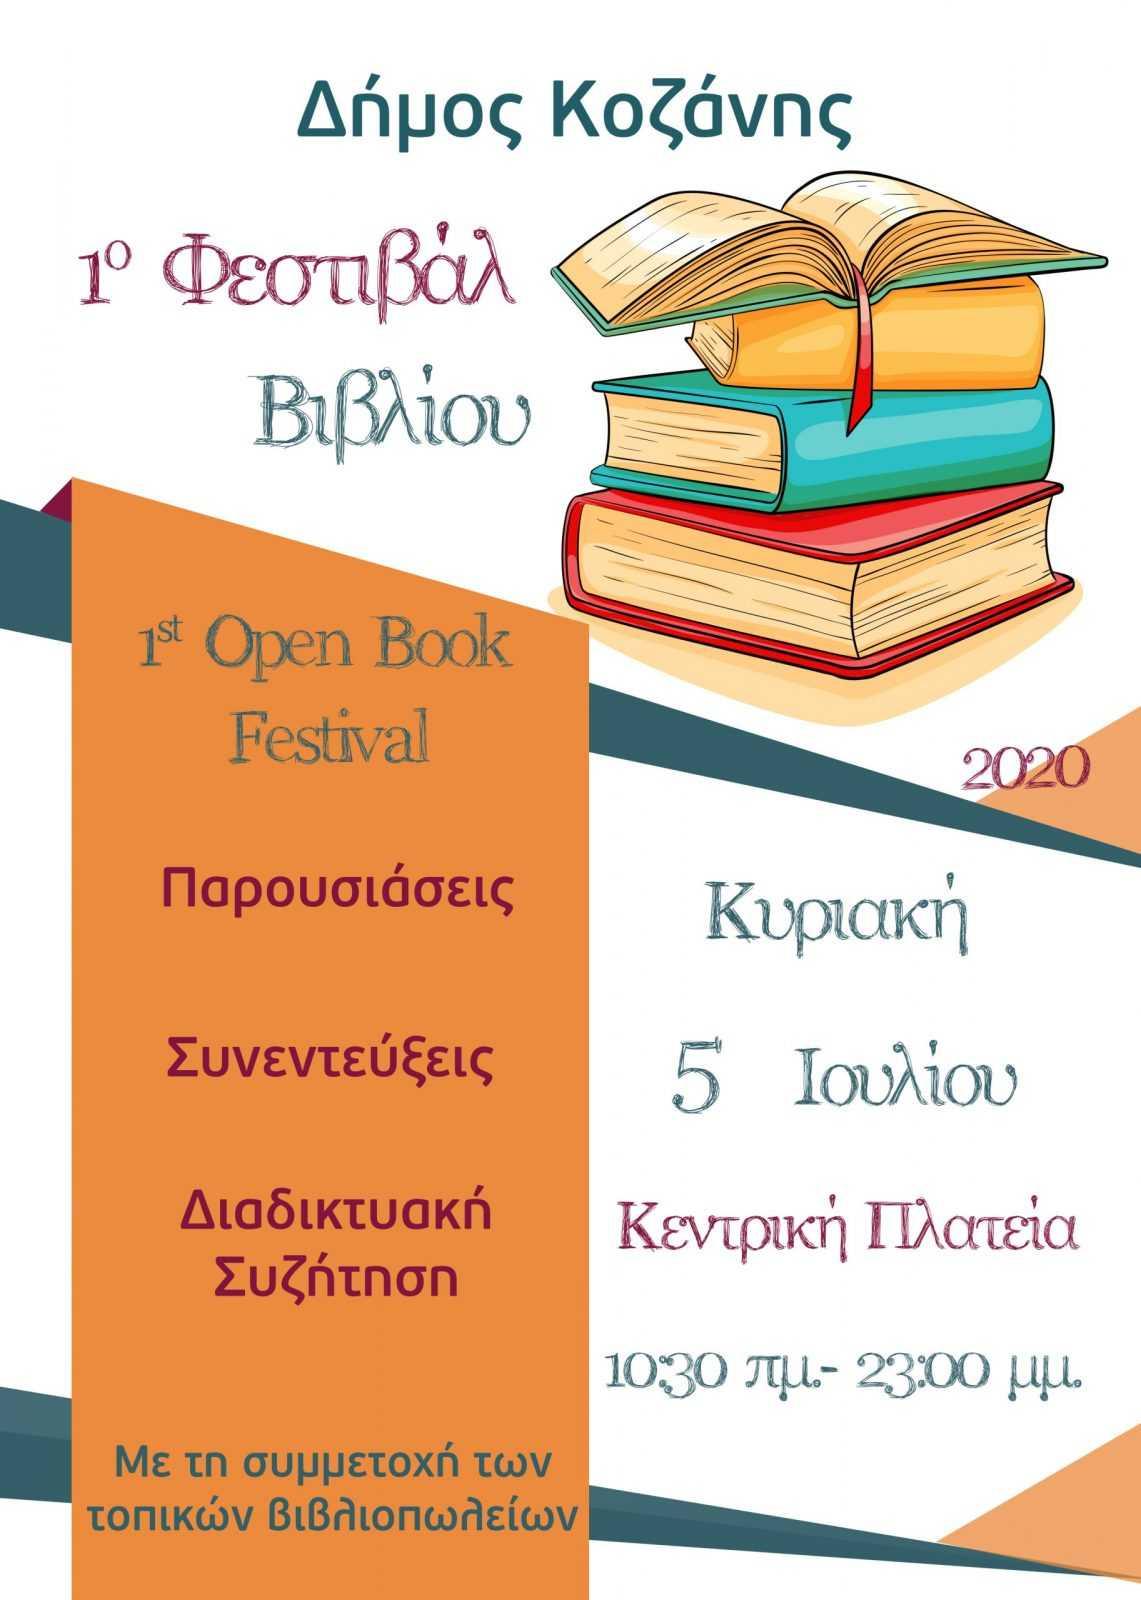 1ο Φεστιβάλ Βιβλίου, Κυριακή 5 Ιουλίου, κεντρική πλατεία, 10:30 το πρωί – 11:00 το βράδυ